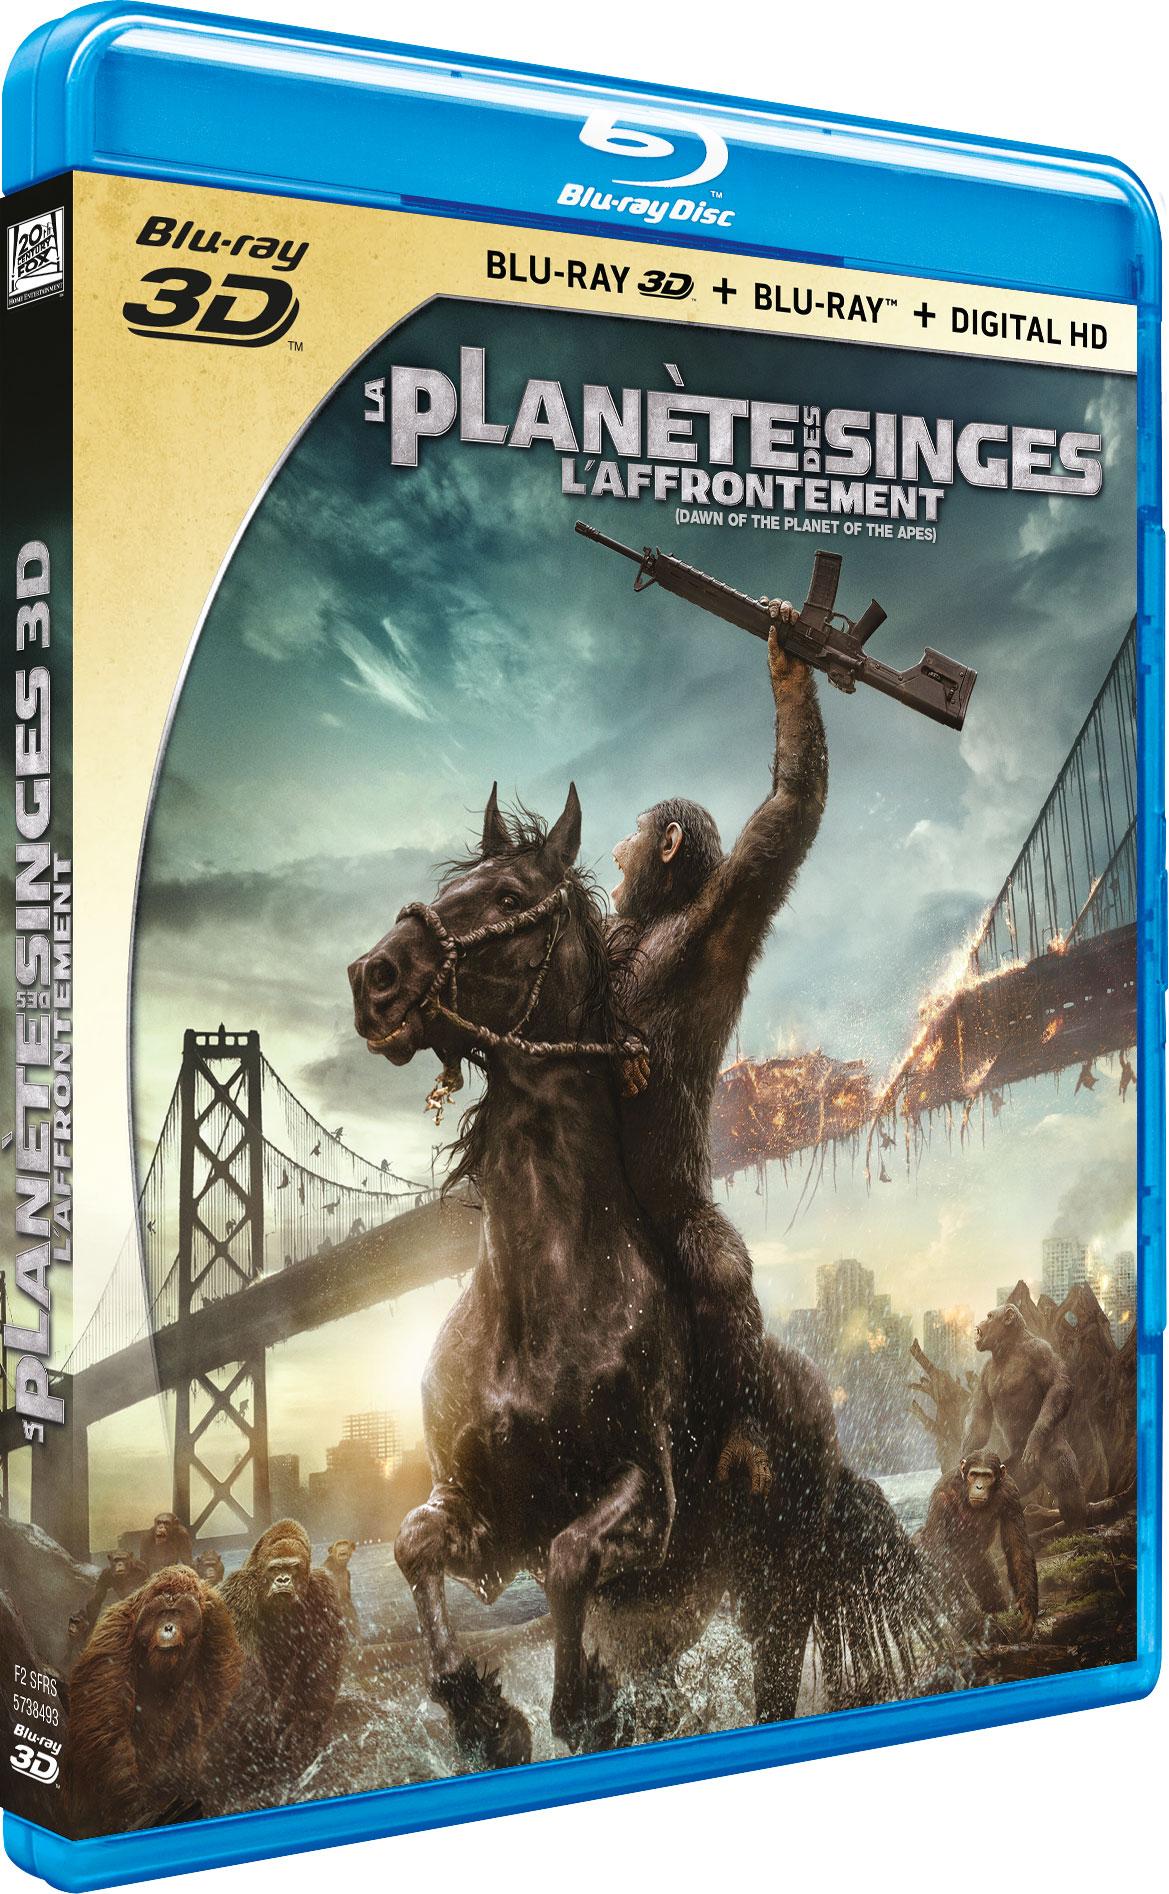 La Planète des singes : l'affrontement - Blu-ray 3D